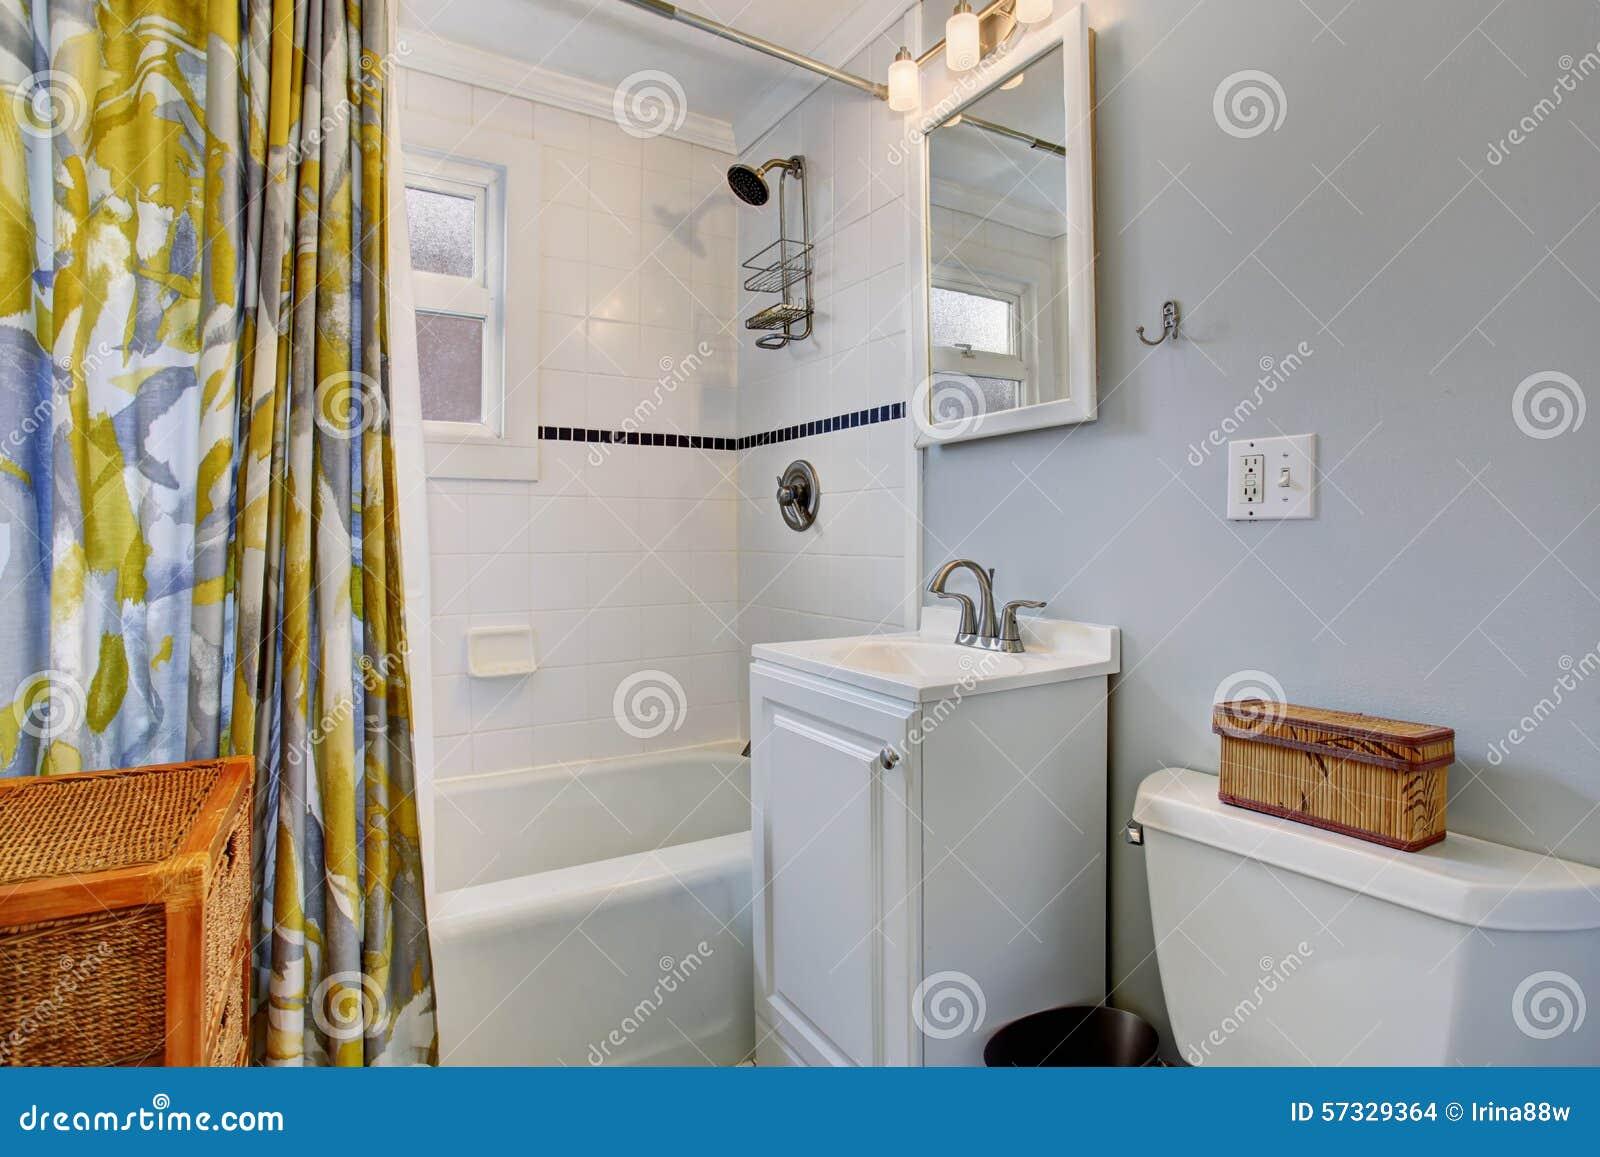 Kleine Badkamers Met Blauwe Muren, En Kleurrijk Douchegordijn Stock ...